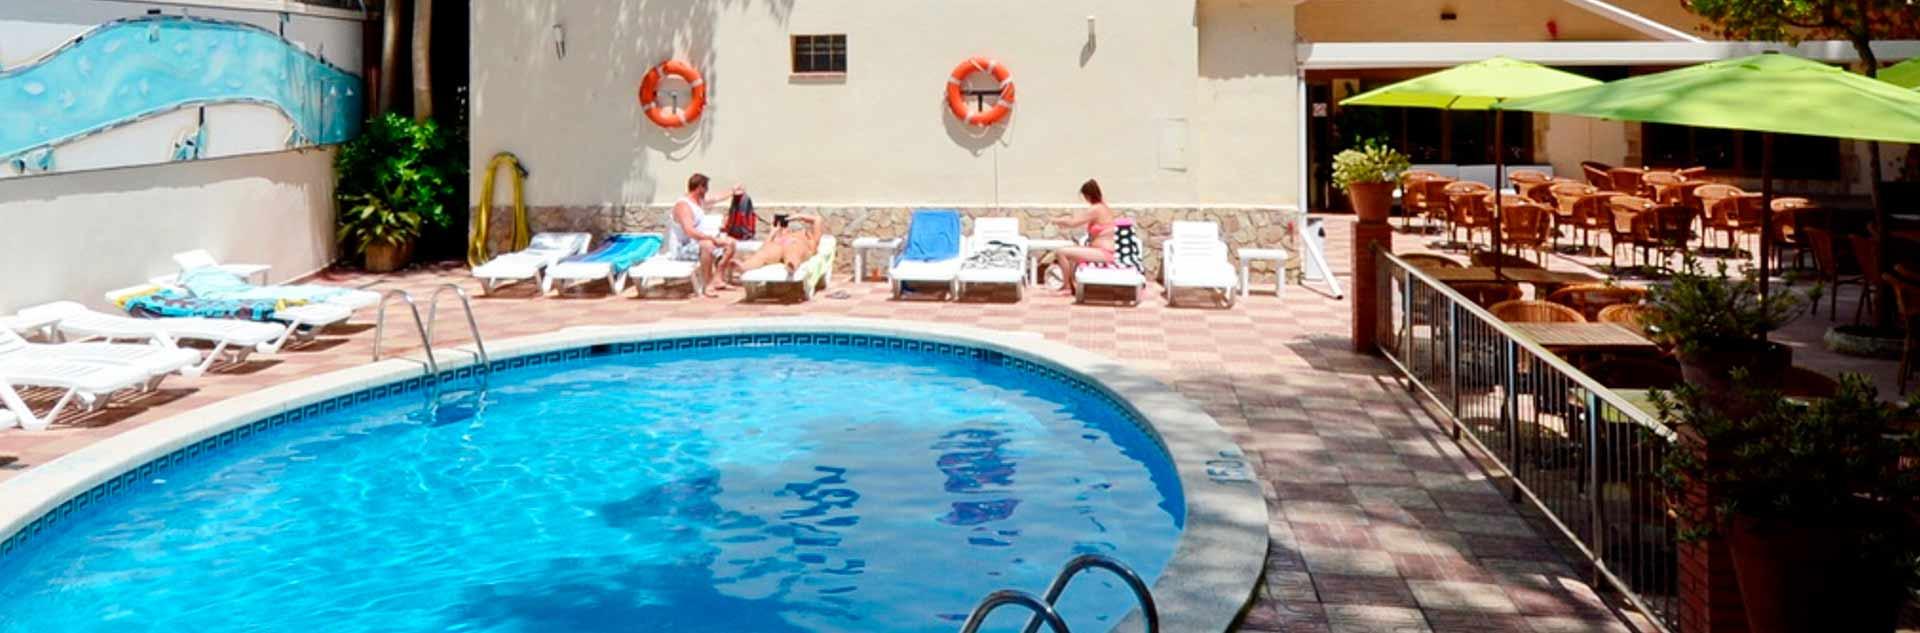 piscina-hotel-lloret-de-mar